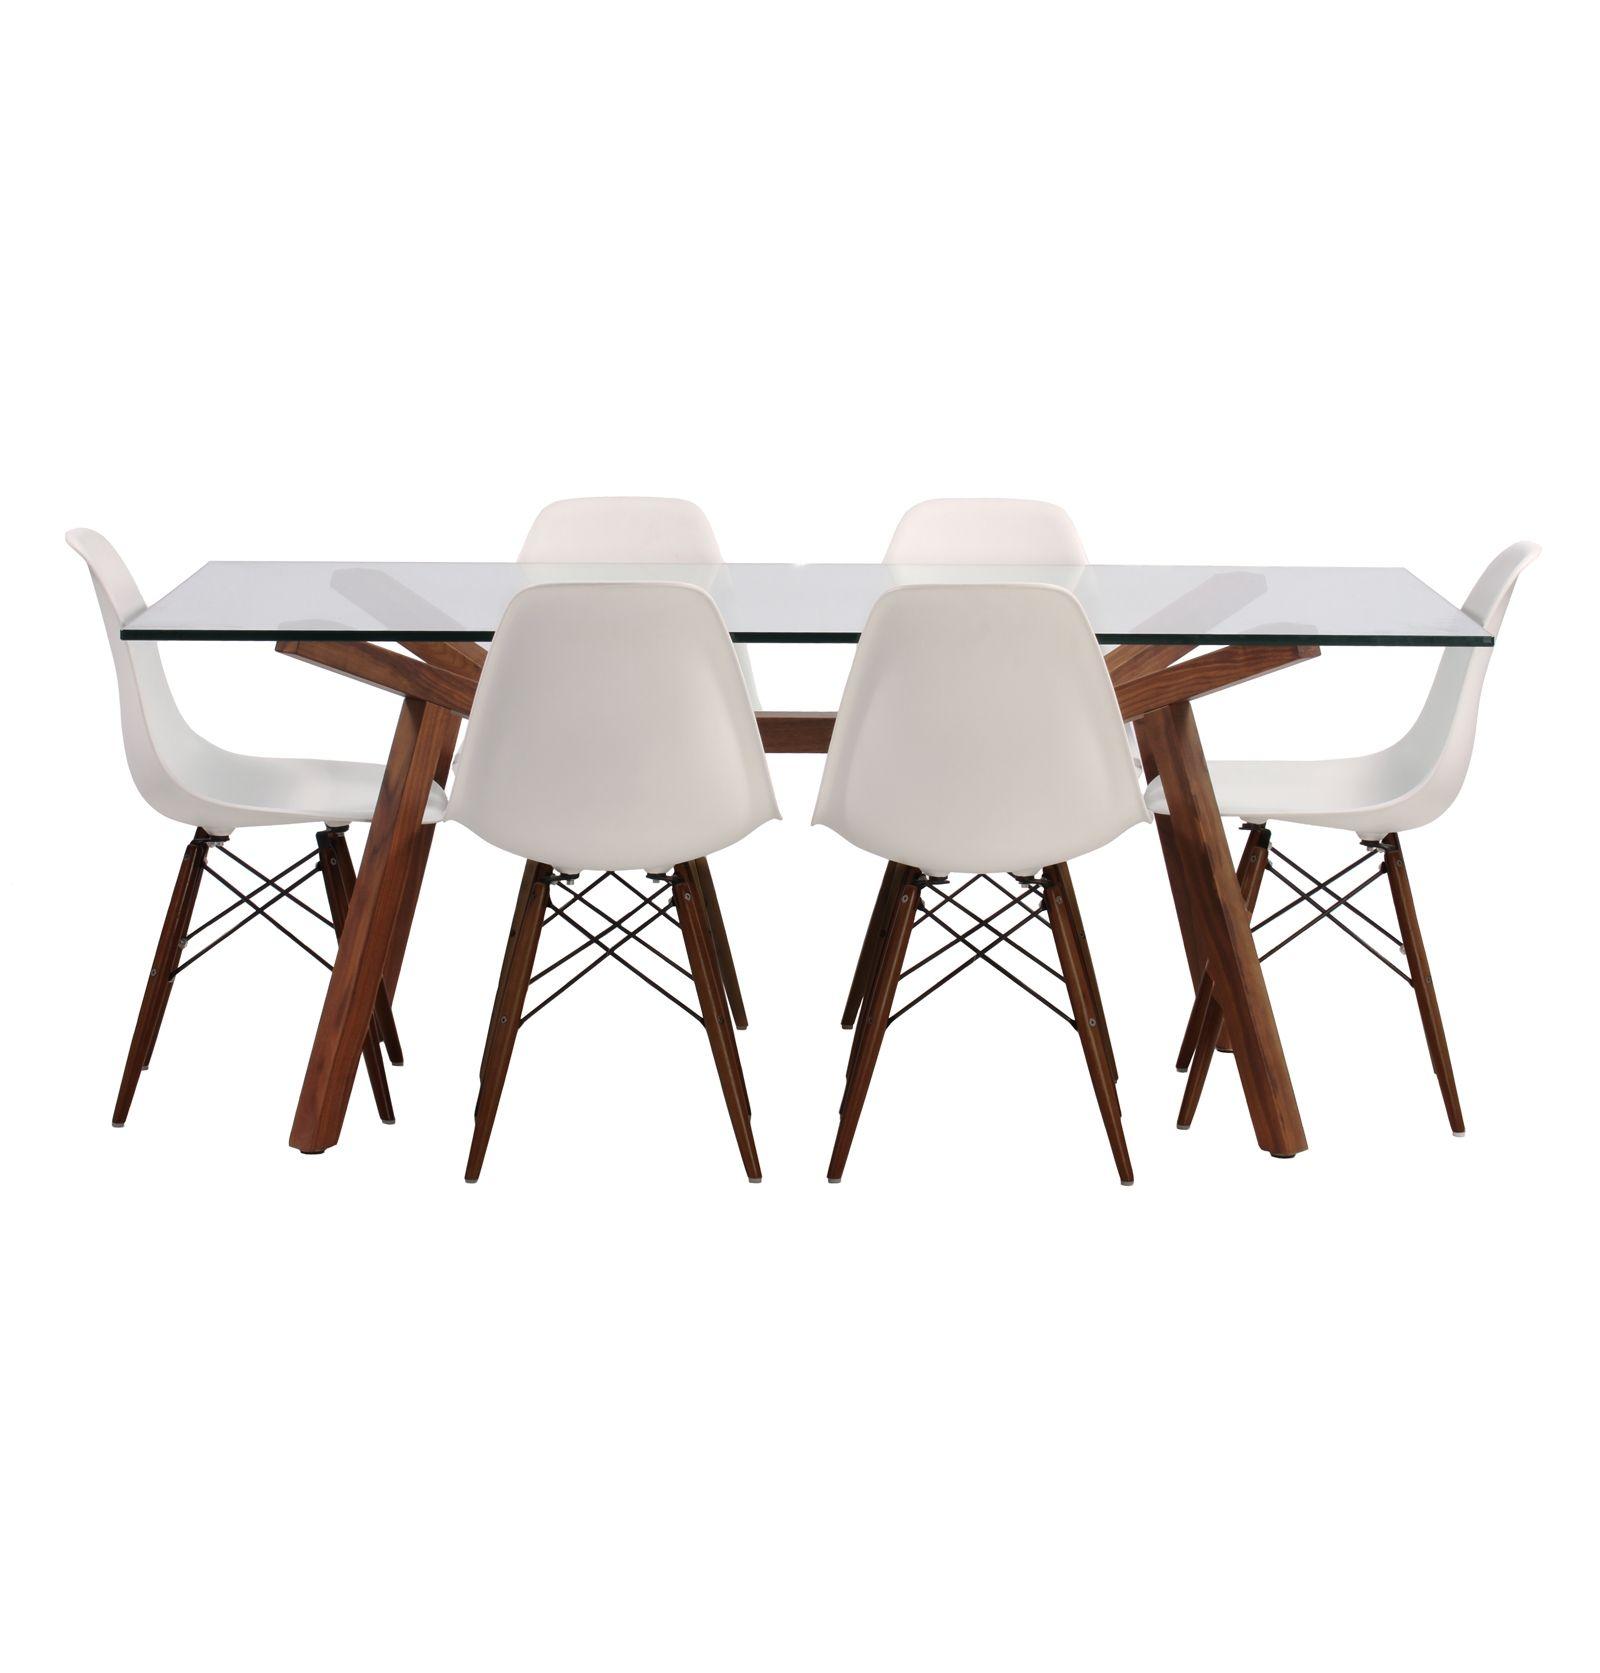 Contempo Dining Package - Wood - Matt Blatt | dining | Pinterest ...